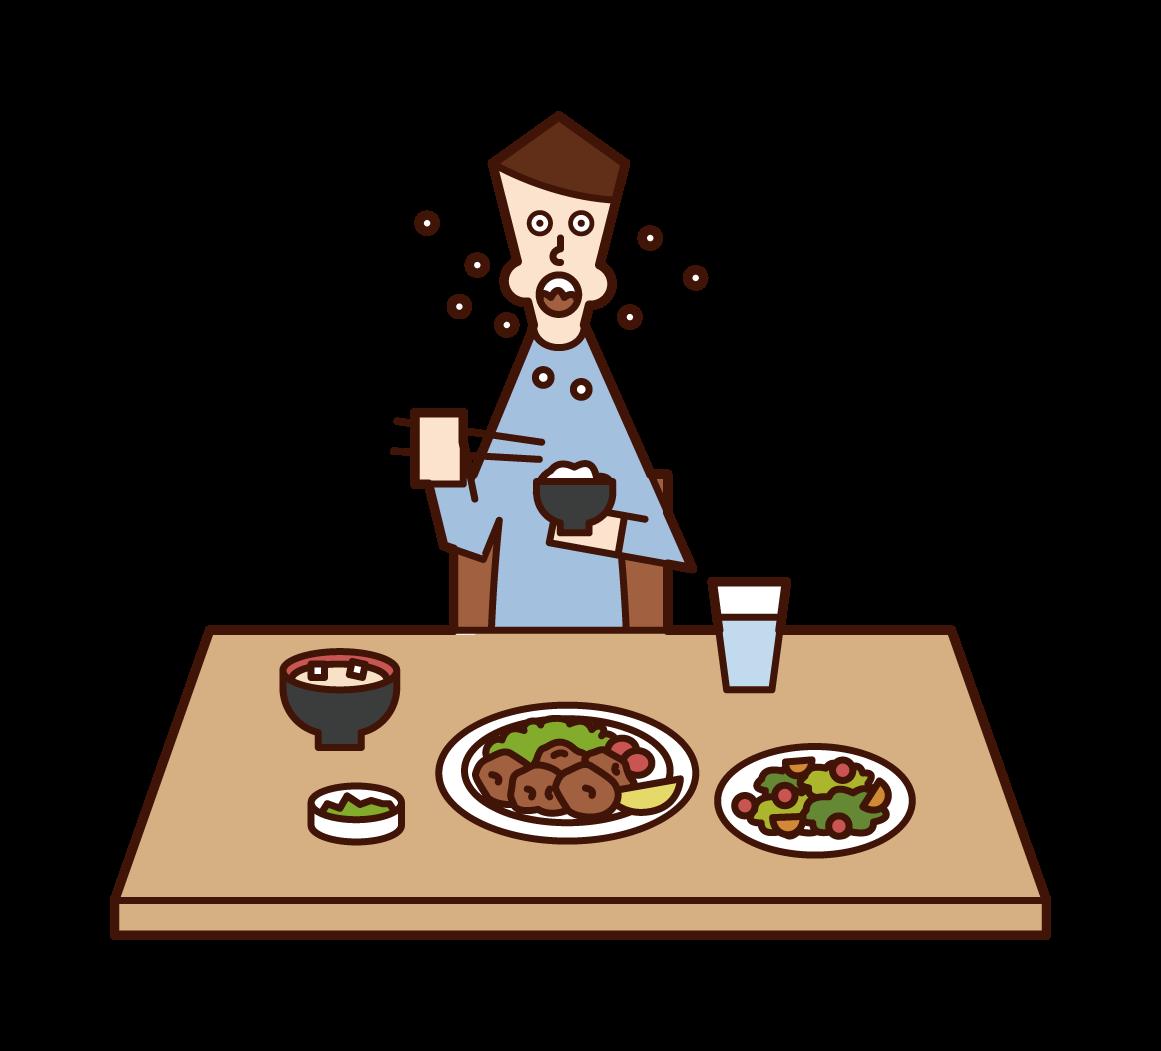 急いで食事をする人(男性)のイラスト